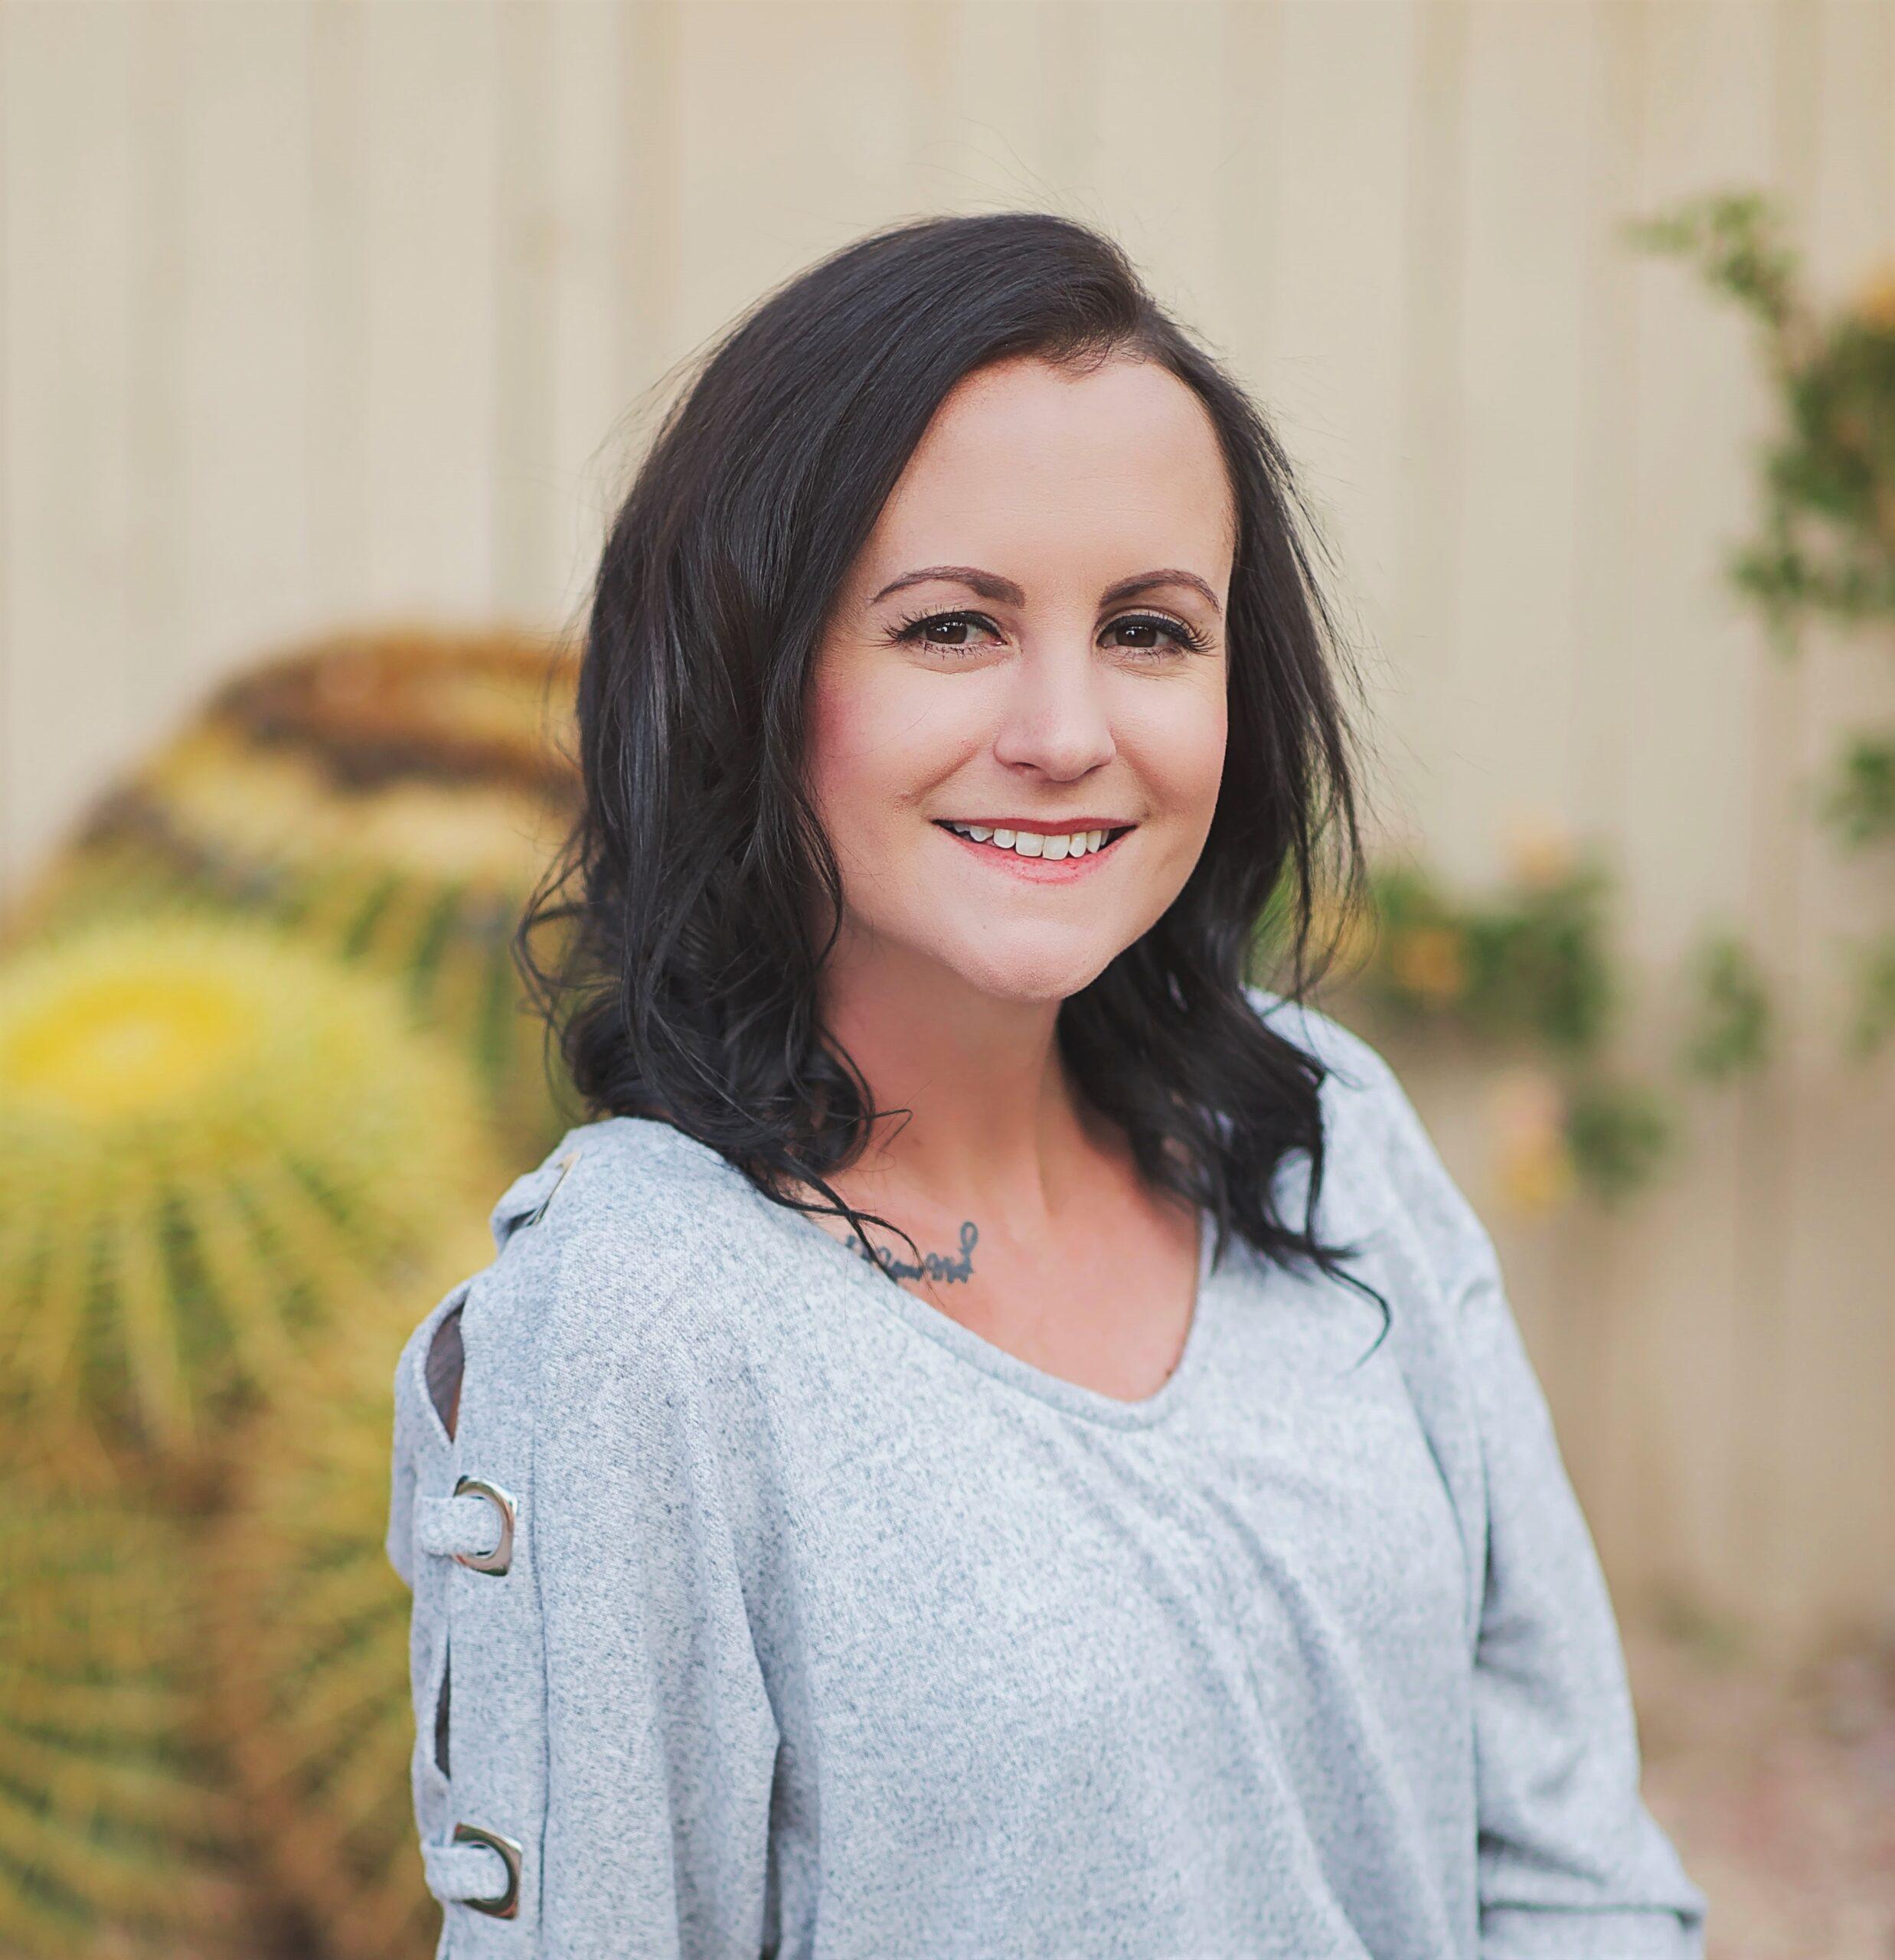 Erin Polinger